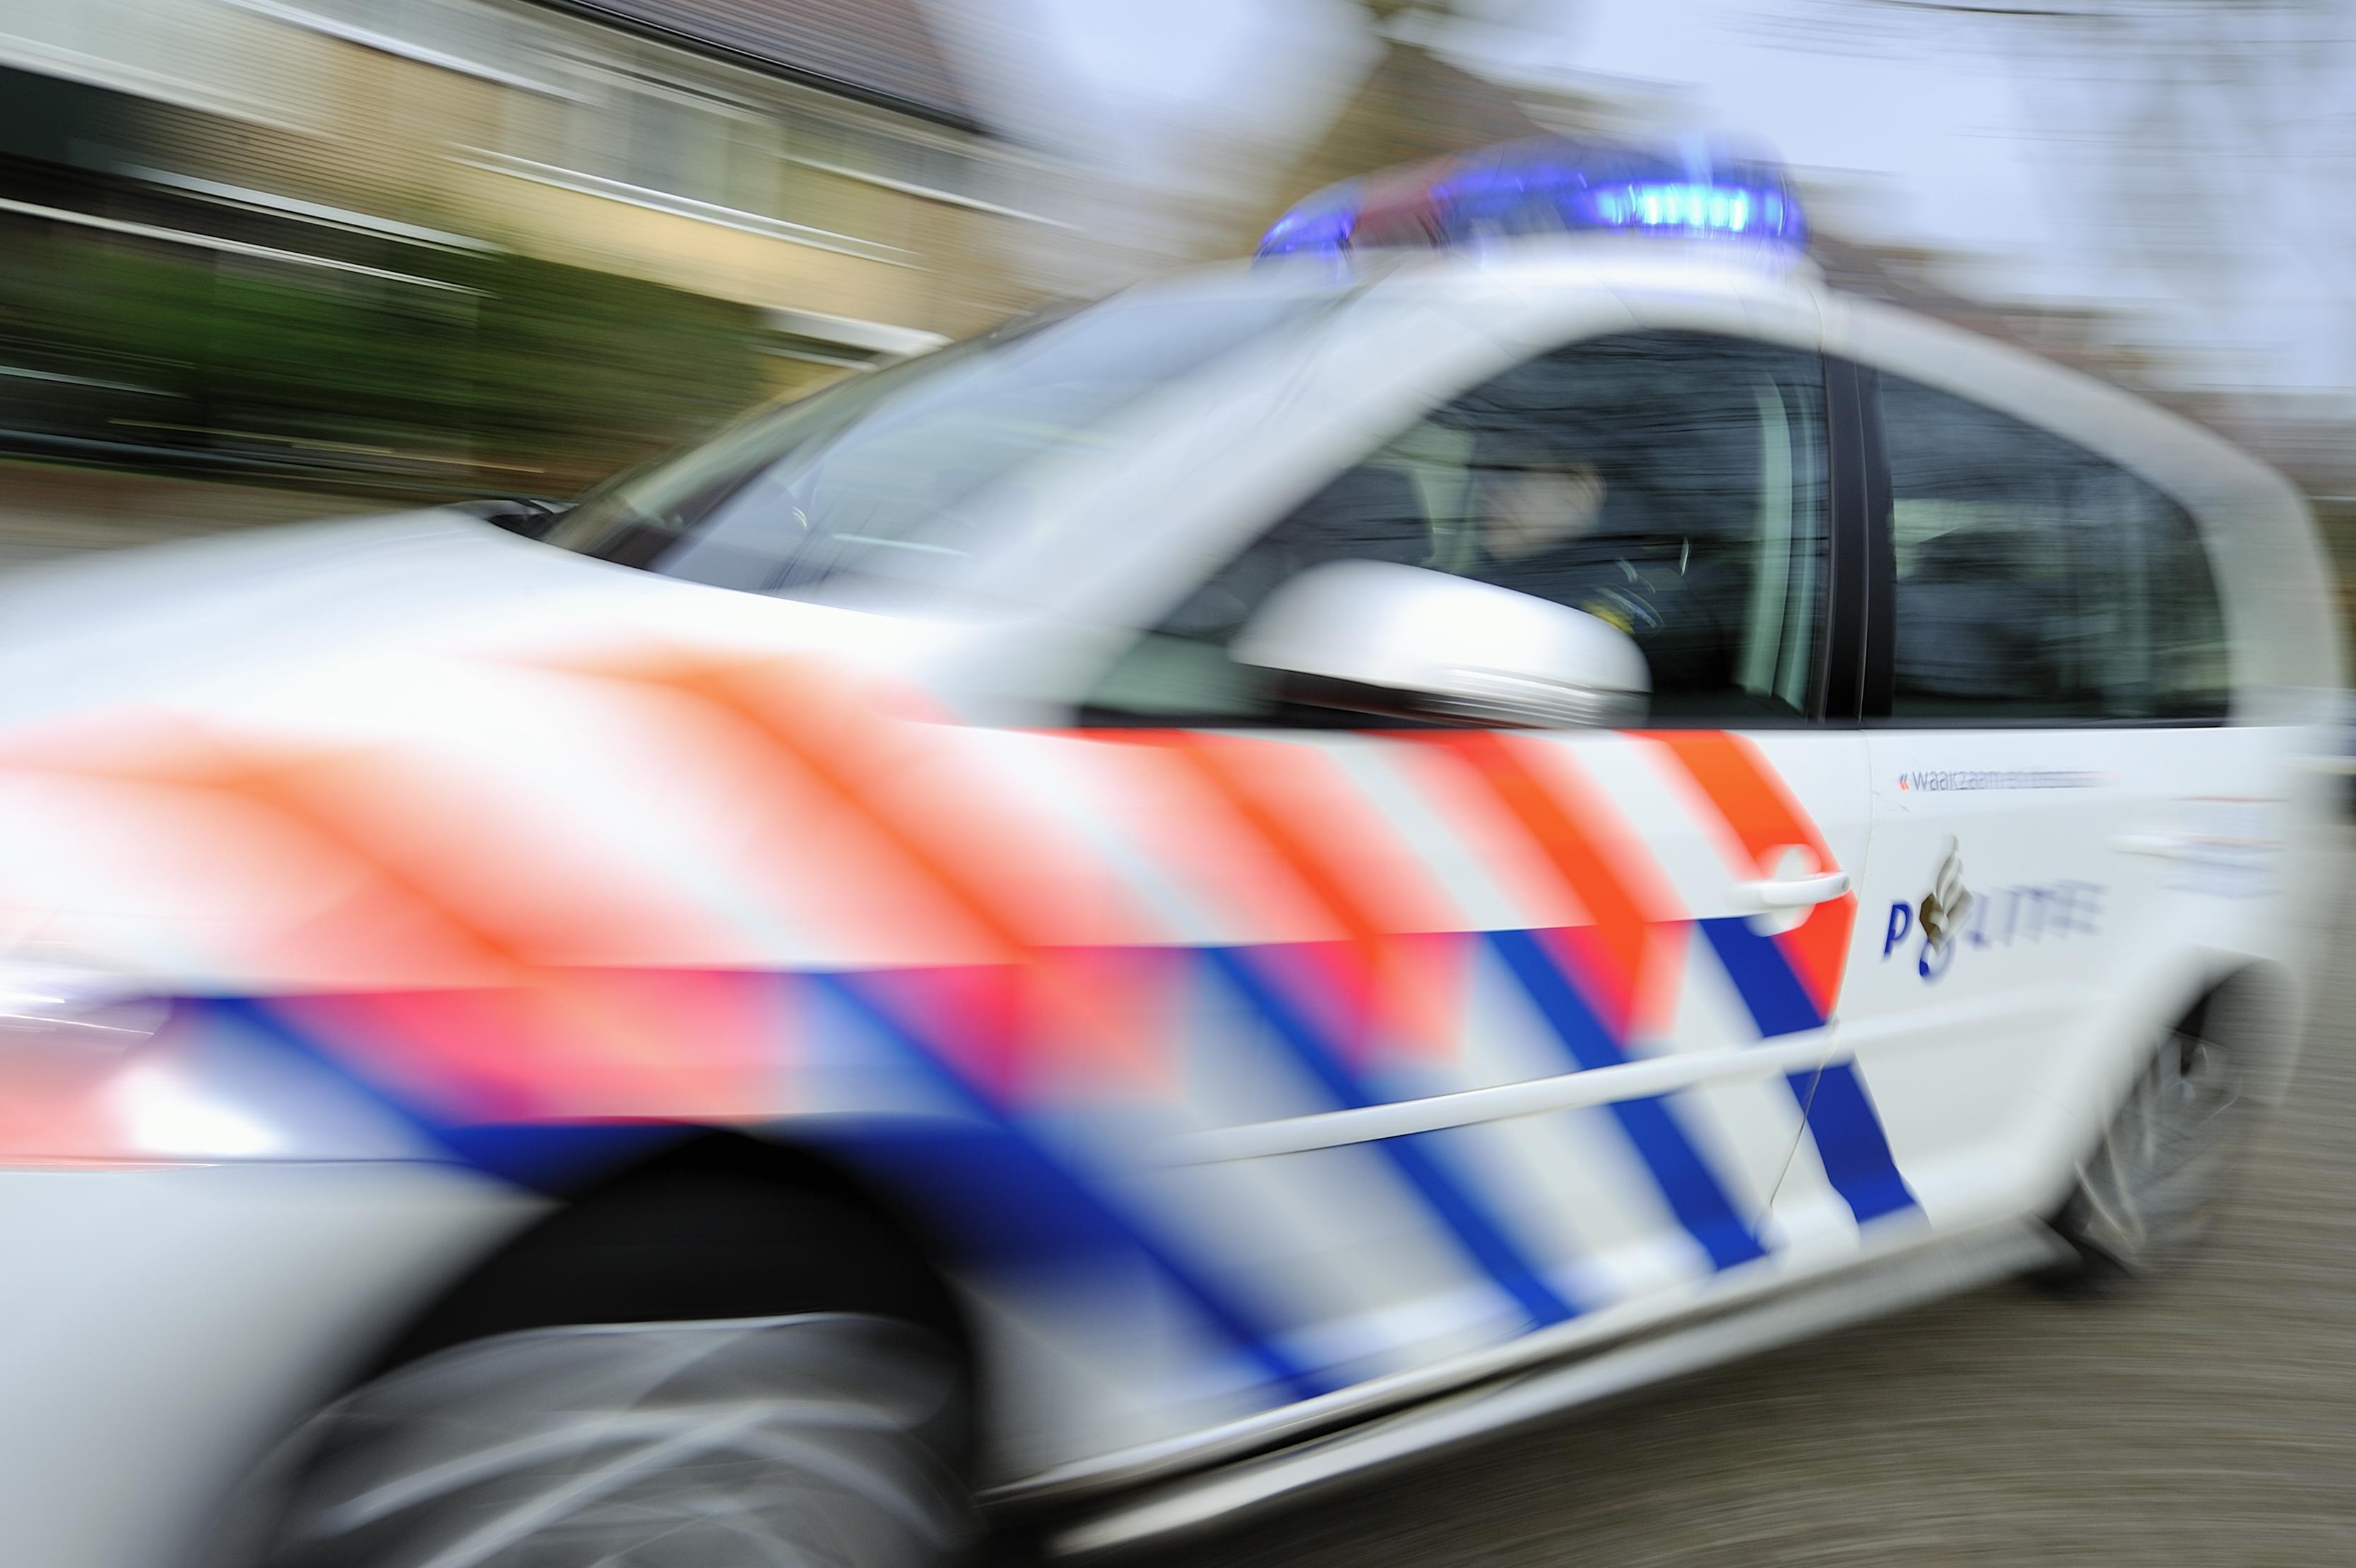 Schot gelost met luchtbuks op busje in De Zilk, politie start onderzoek